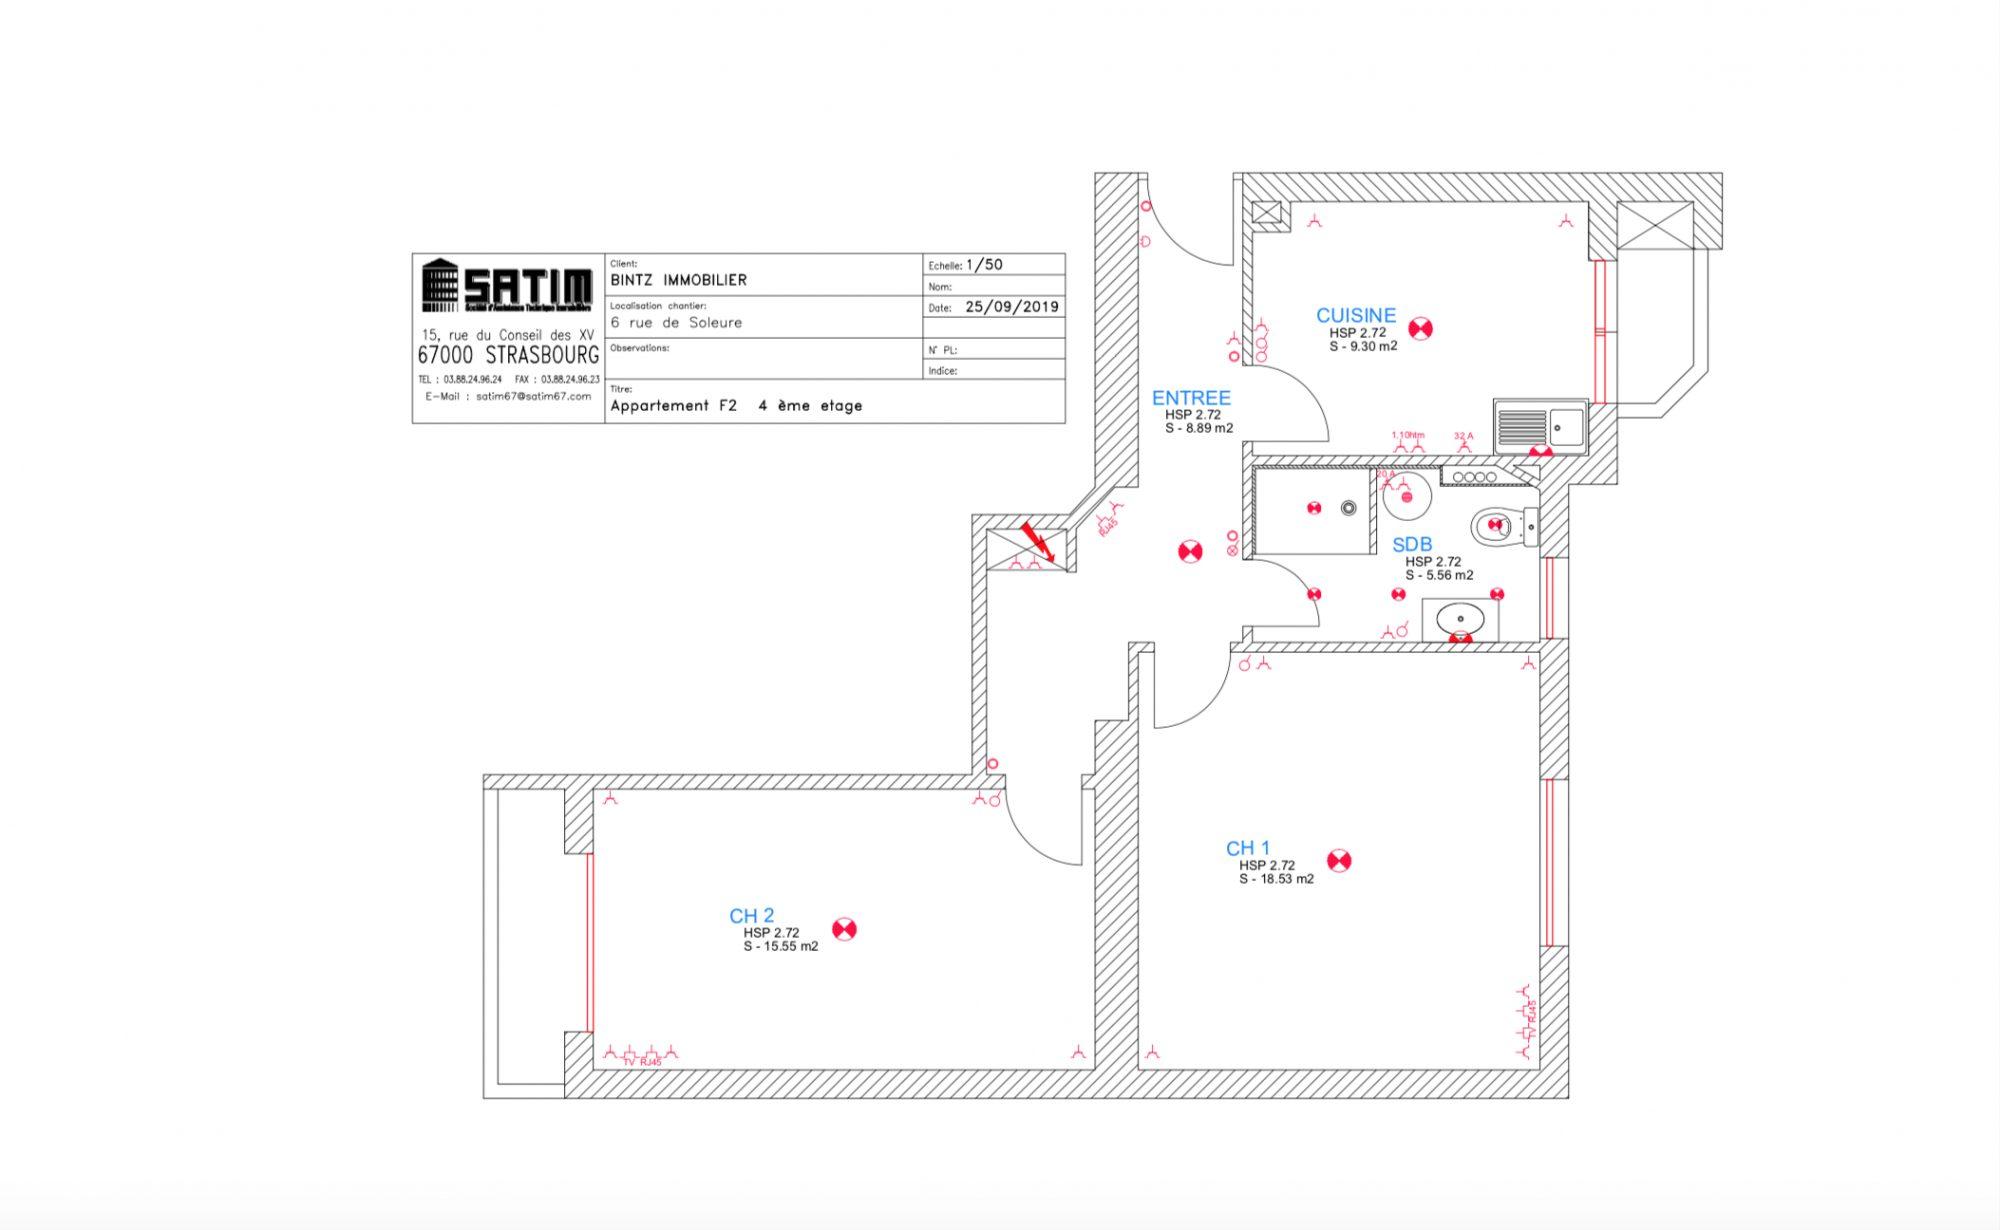 Krutenau – 2 pièces entièrement rénové - Devenez locataire en toute sérénité - Bintz Immobilier - 6